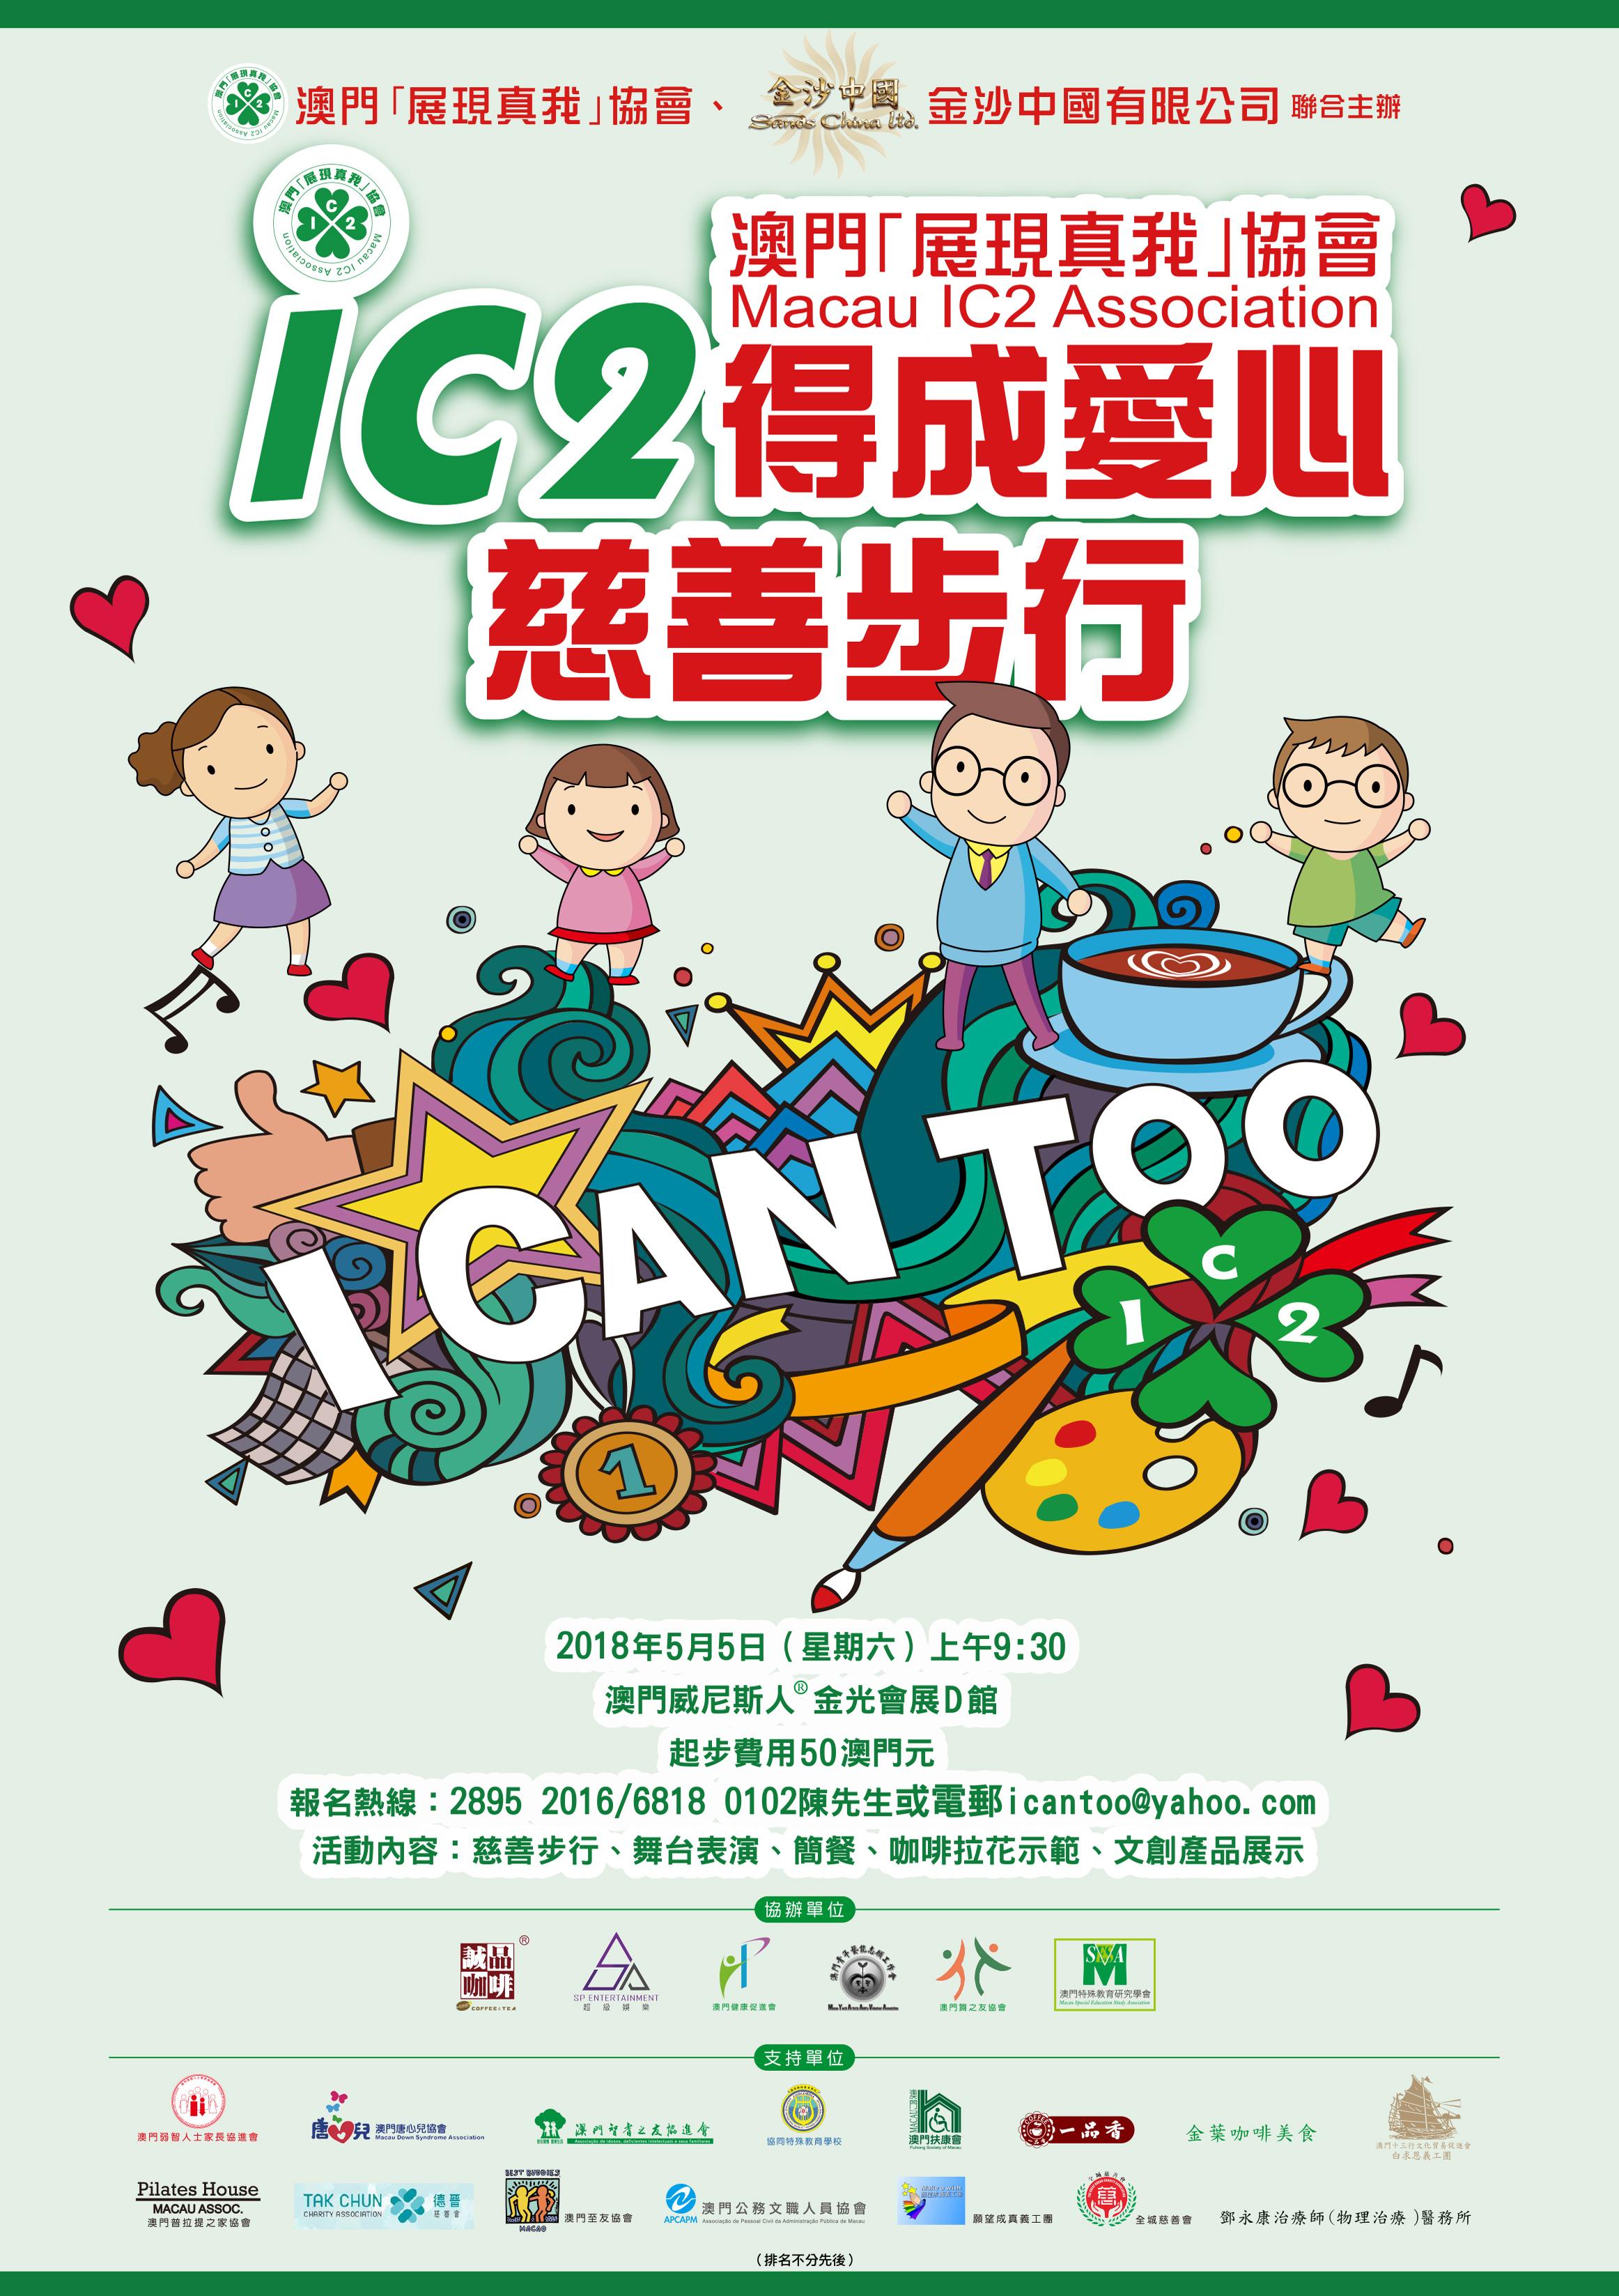 IC2得成爱心慈善步行 - 金沙中国